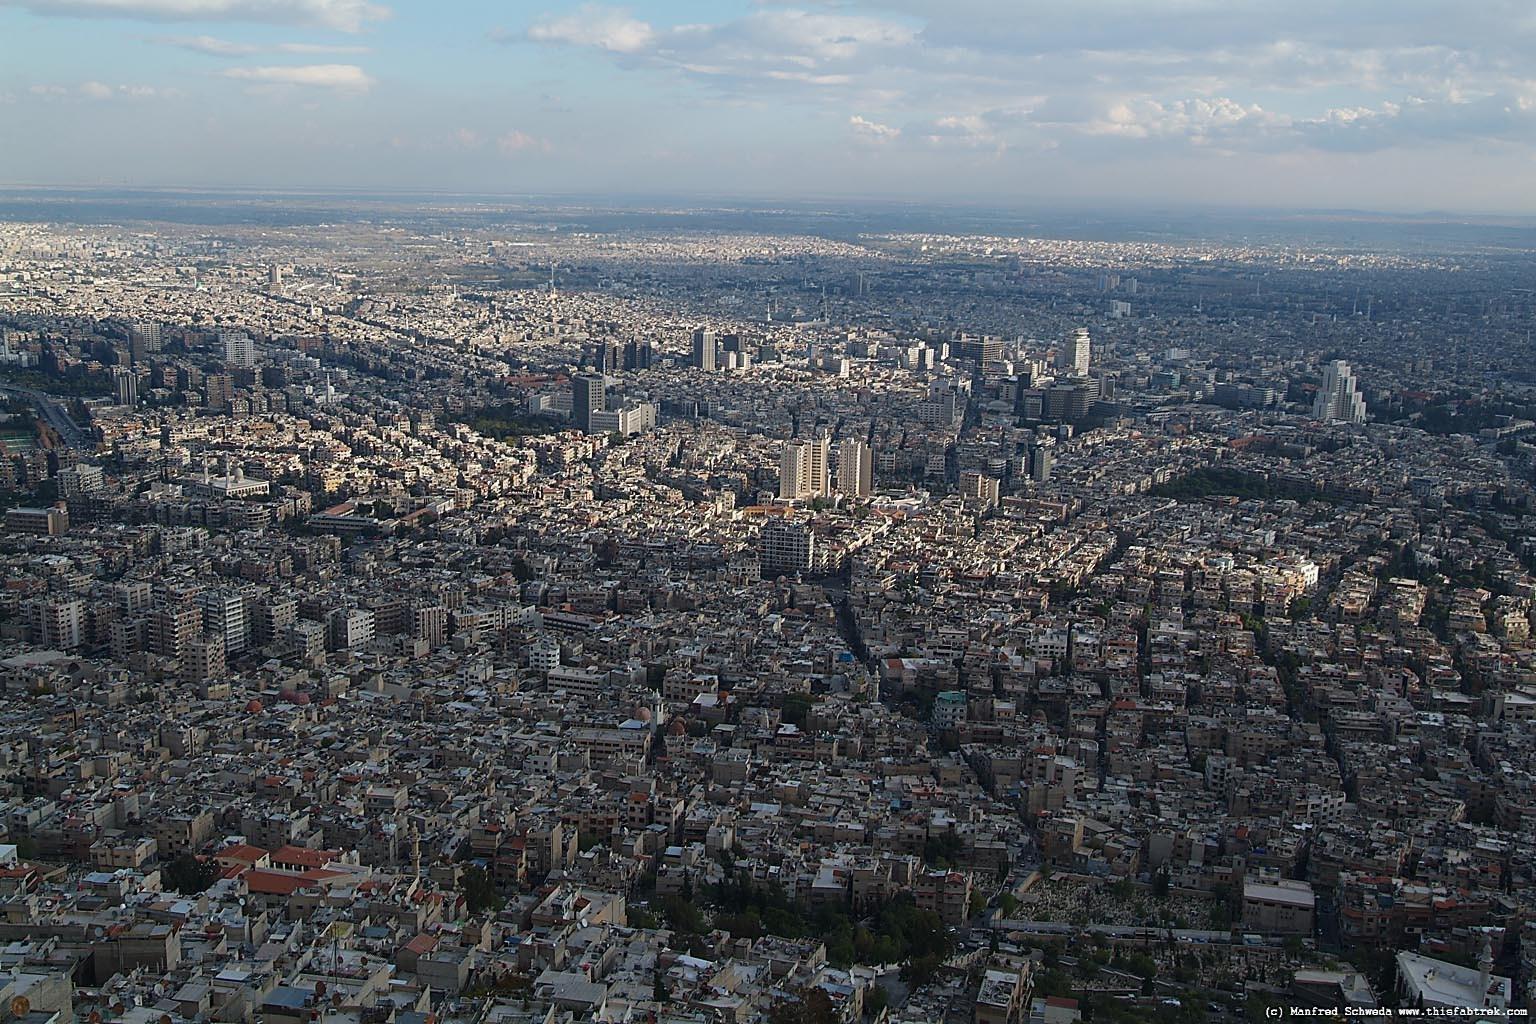 سوريا: فشل القوى اللاهثة وراء التطبيع يجعلها تلجأ لمثل هذه الطرق الساذجة